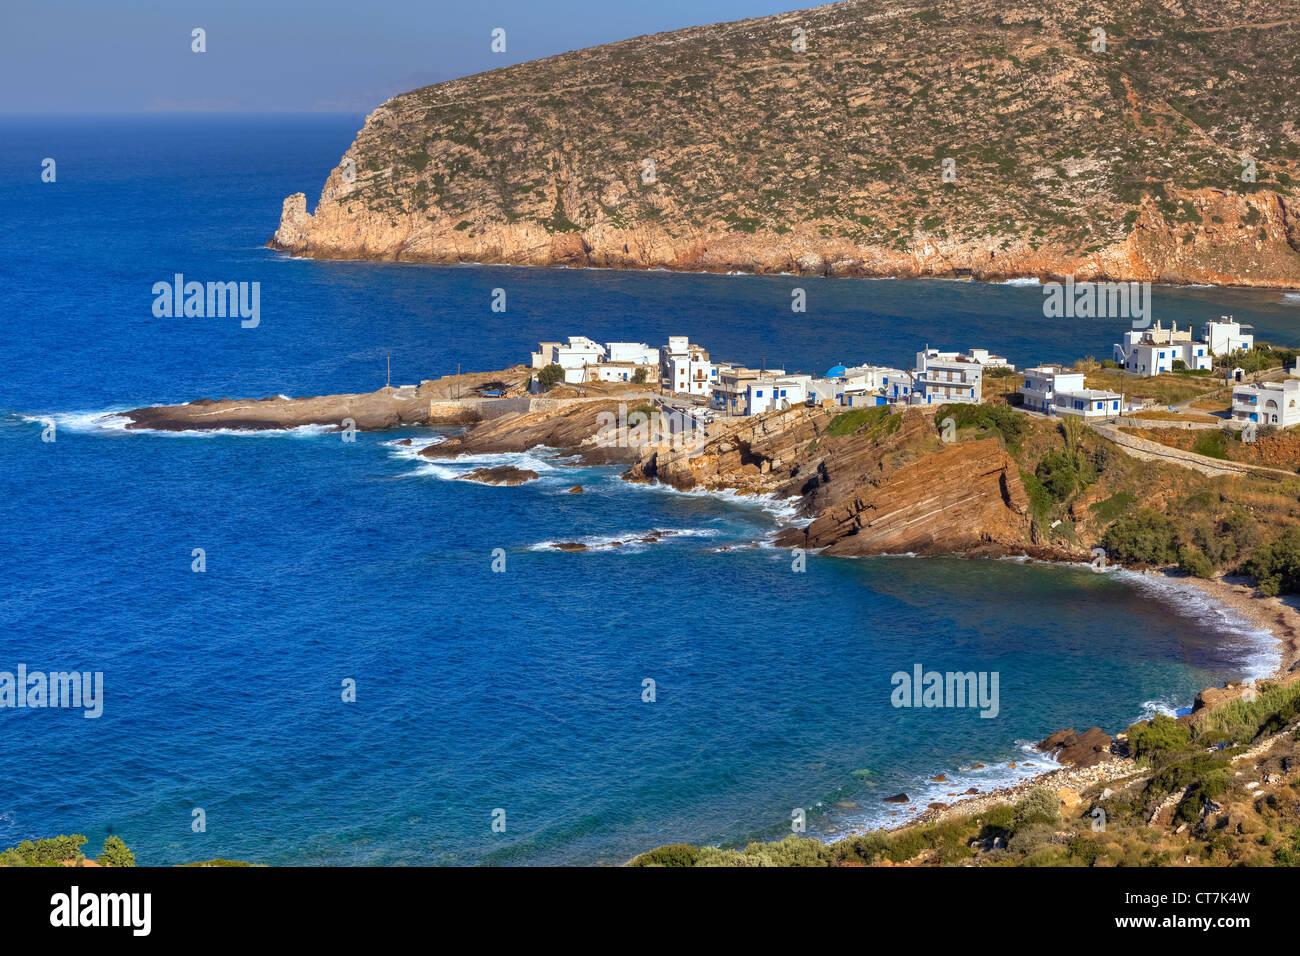 Pueblo de pescadores, Apollonas, Naxos, Grecia Imagen De Stock